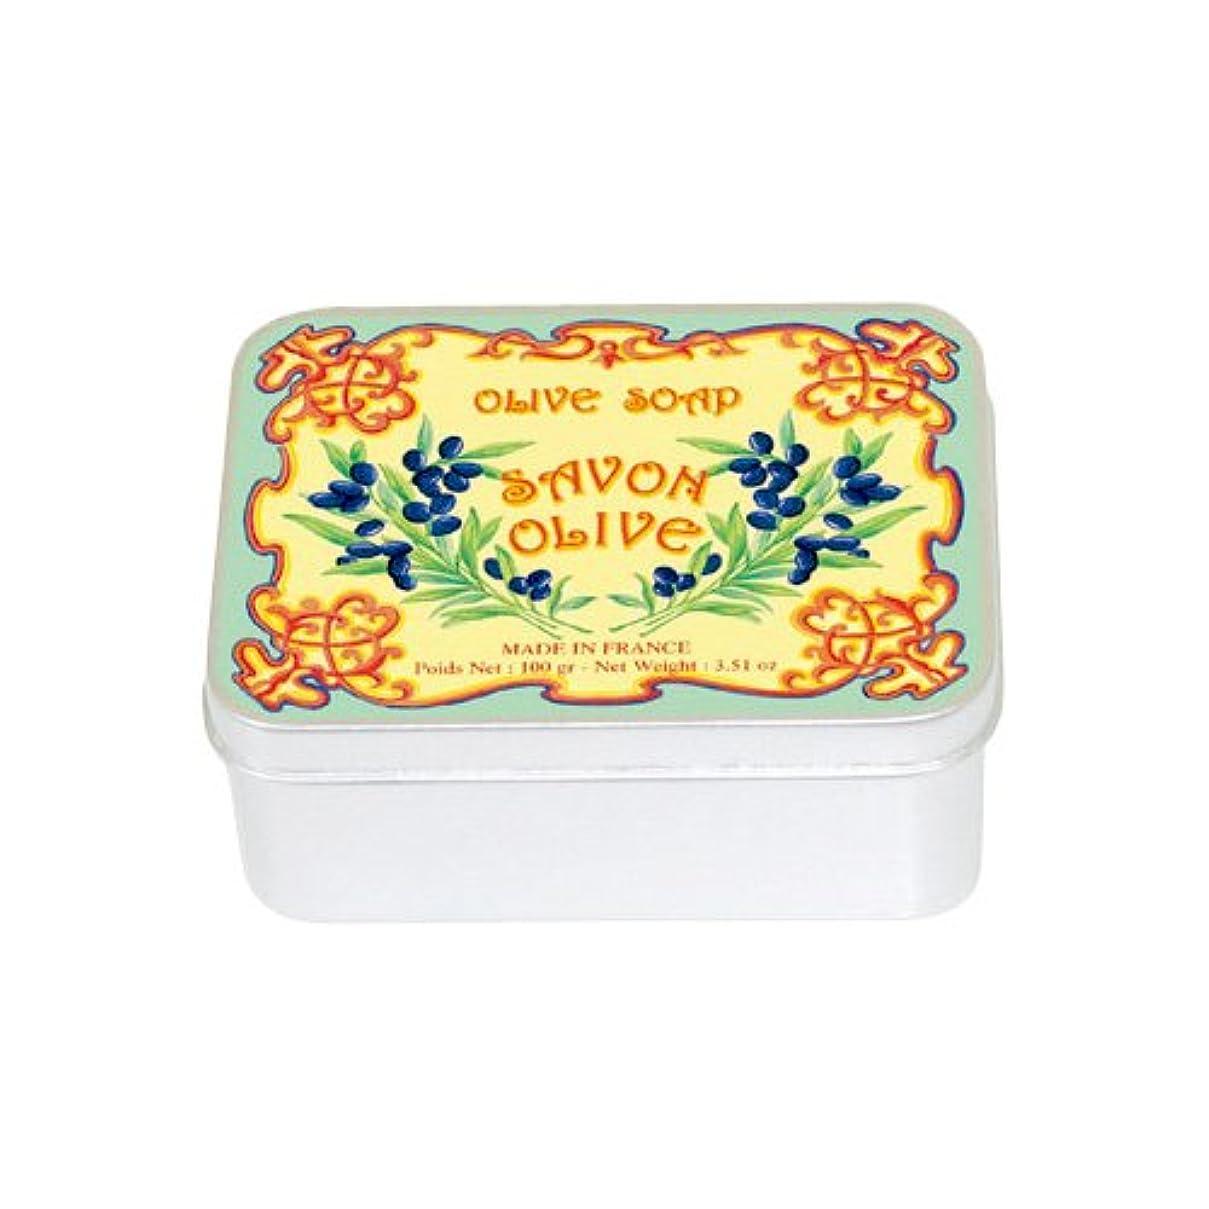 食欲取り出す電極ルブランソープ メタルボックス(オリーブの香り)石鹸